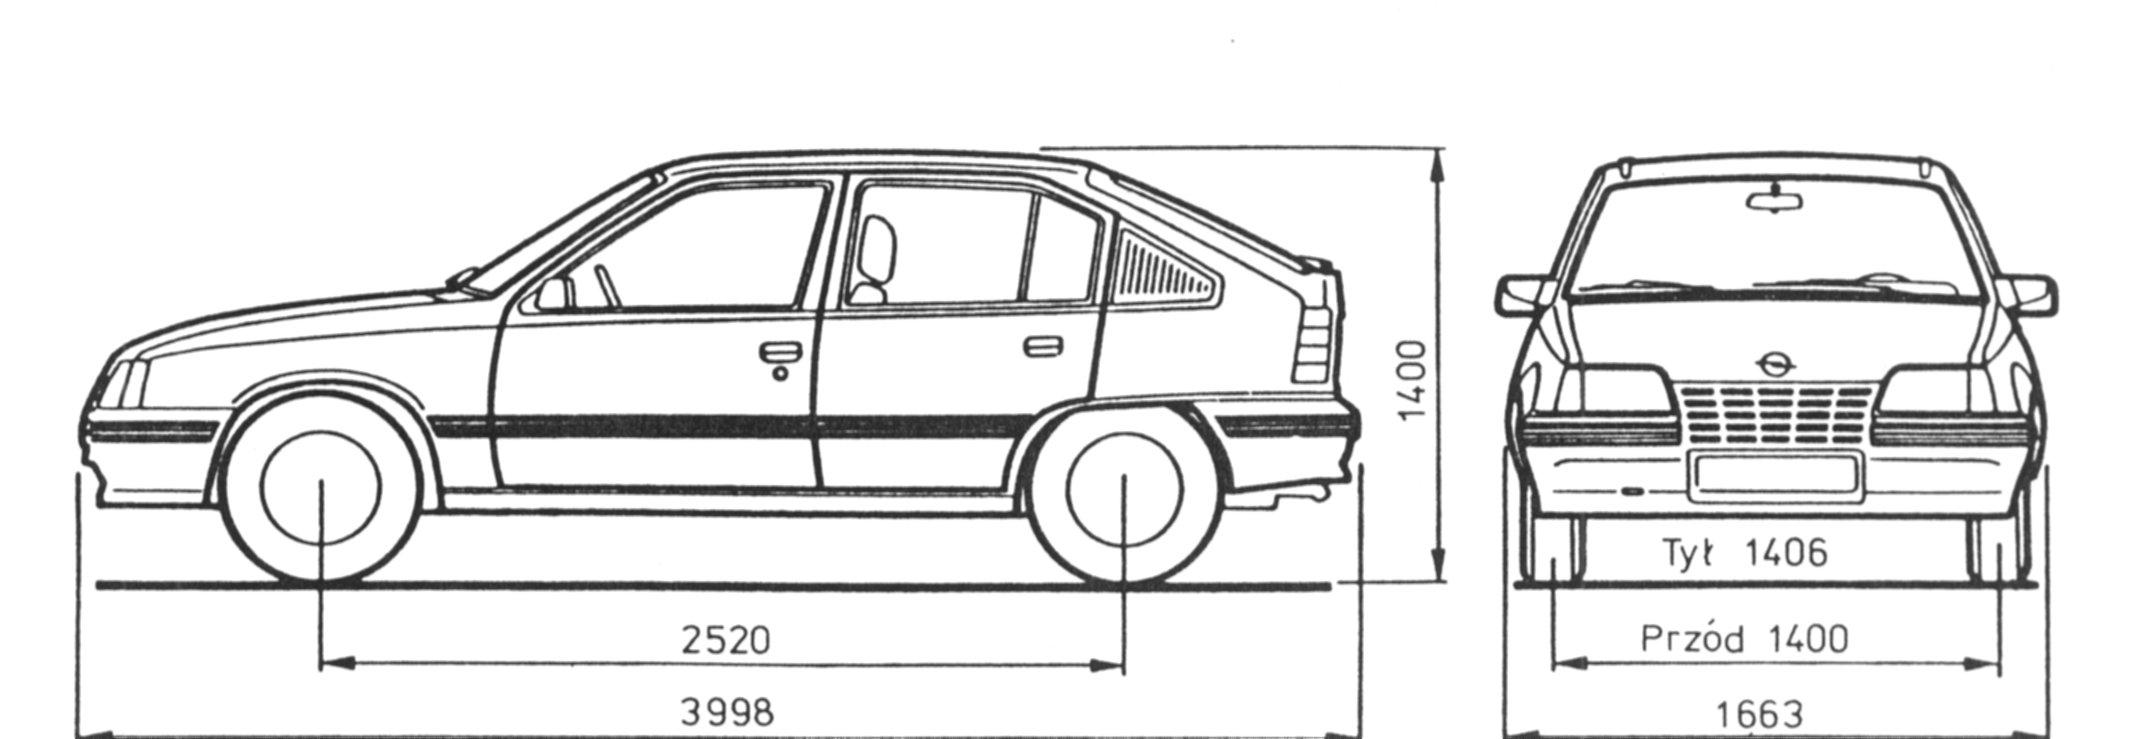 Opel Kadett E Blueprint Download Free Blueprint For 3d